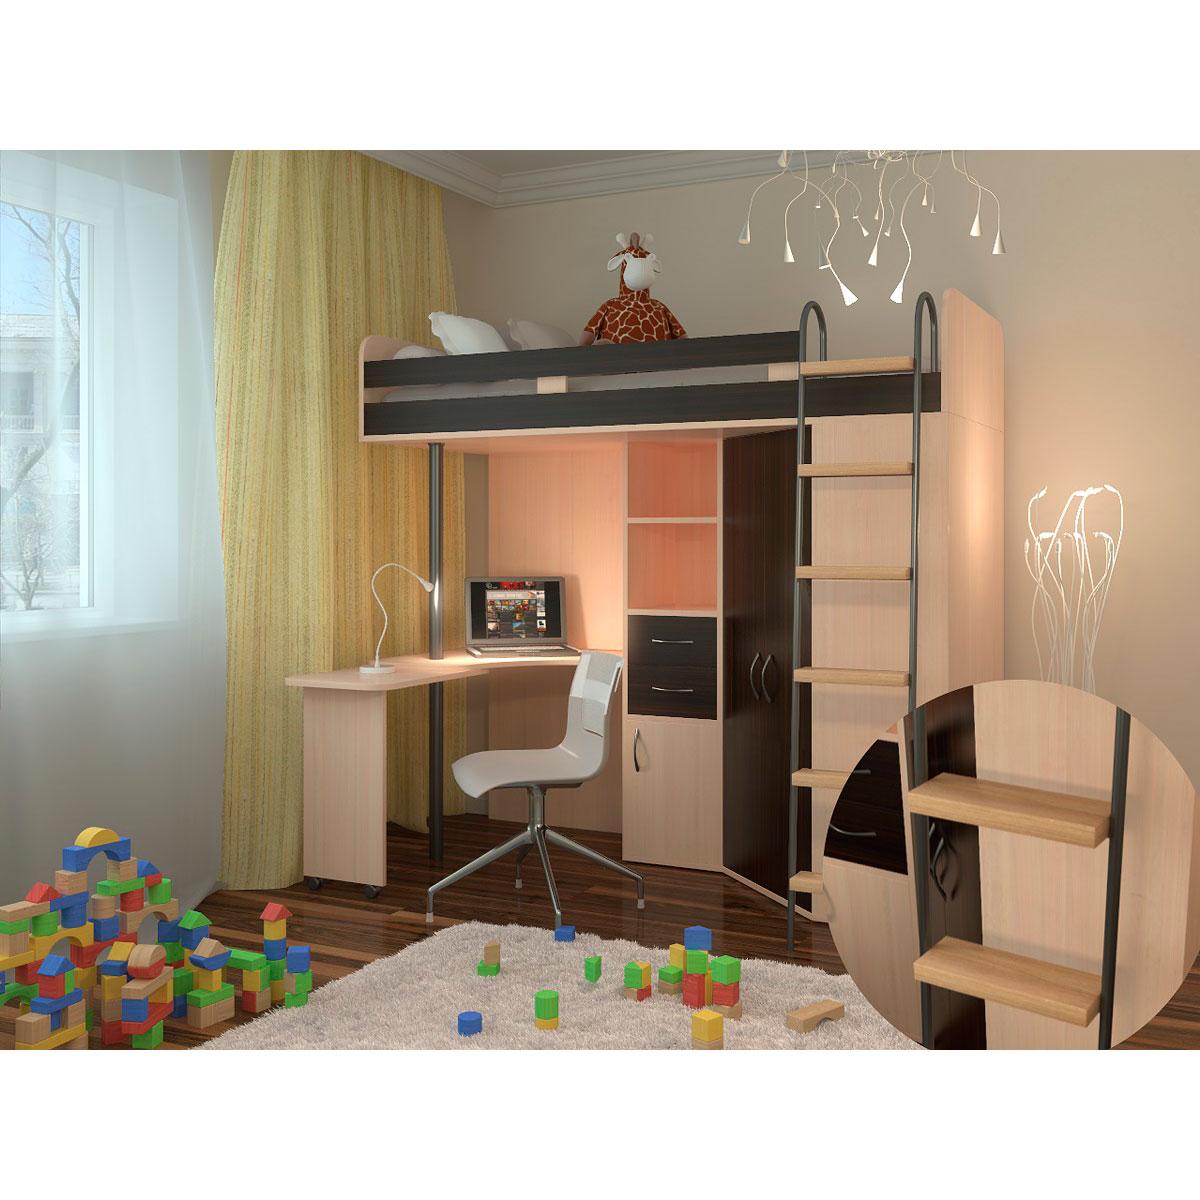 Набор мебели РВ-Мебель М85 Дуб молочный/Венге